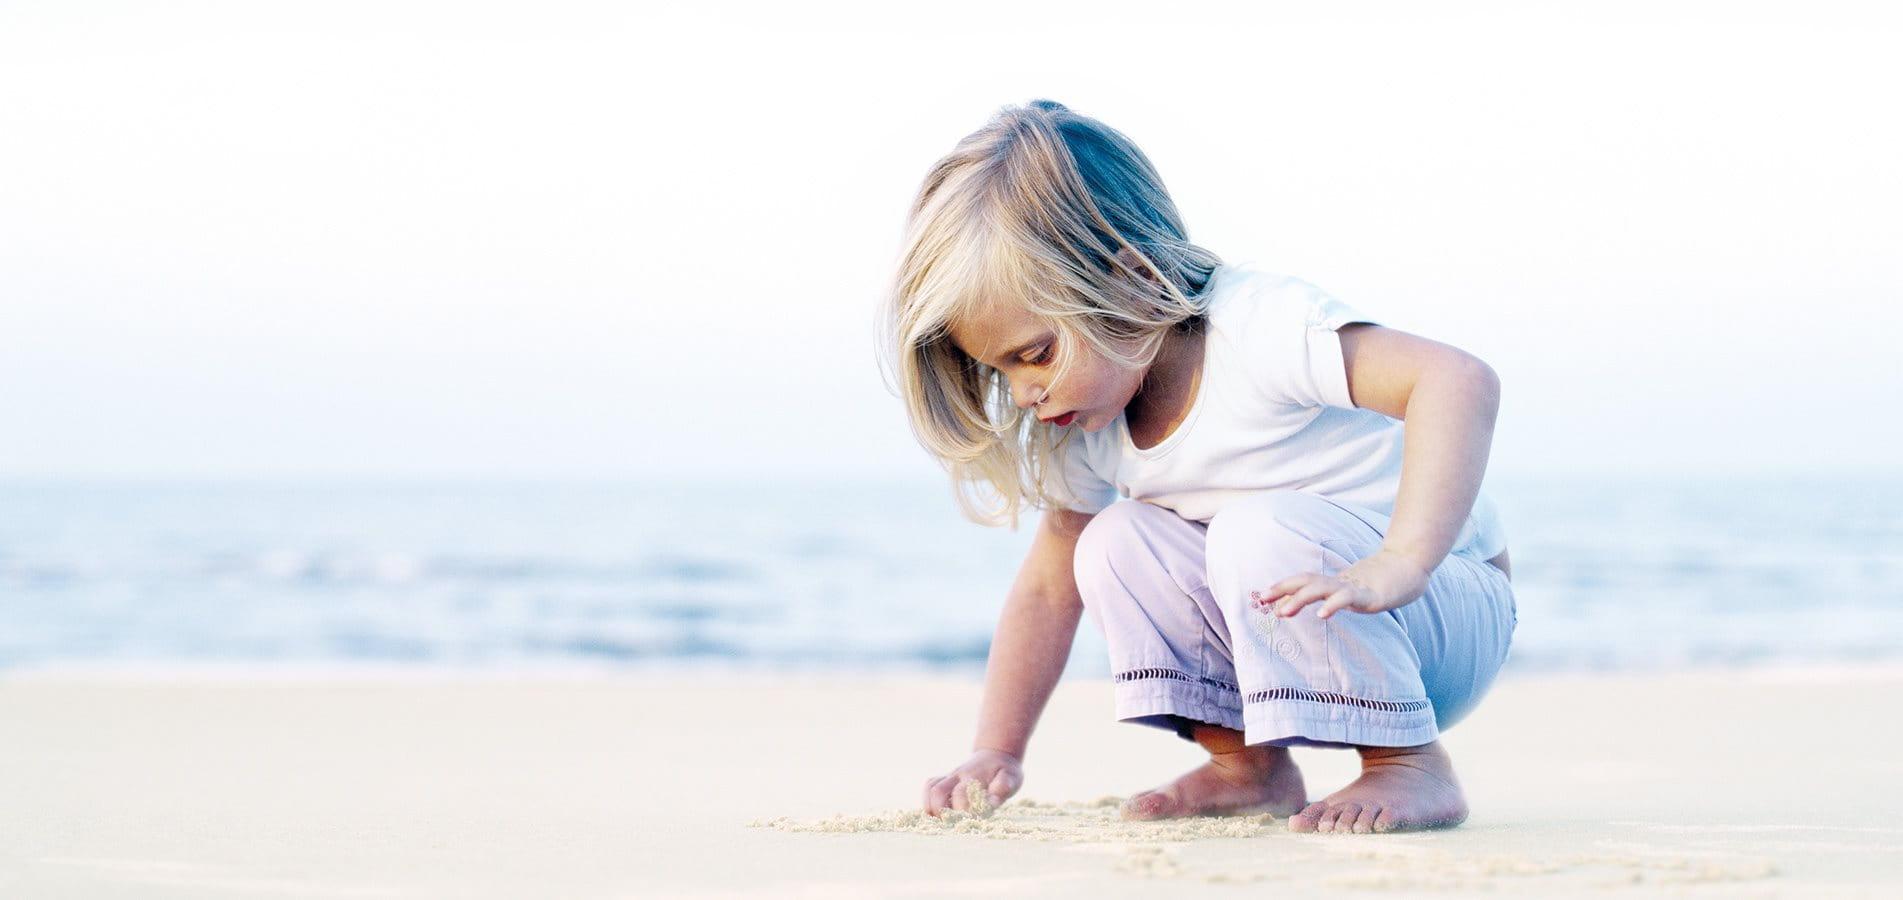 Ein kleines Mädchen spielt am Strand